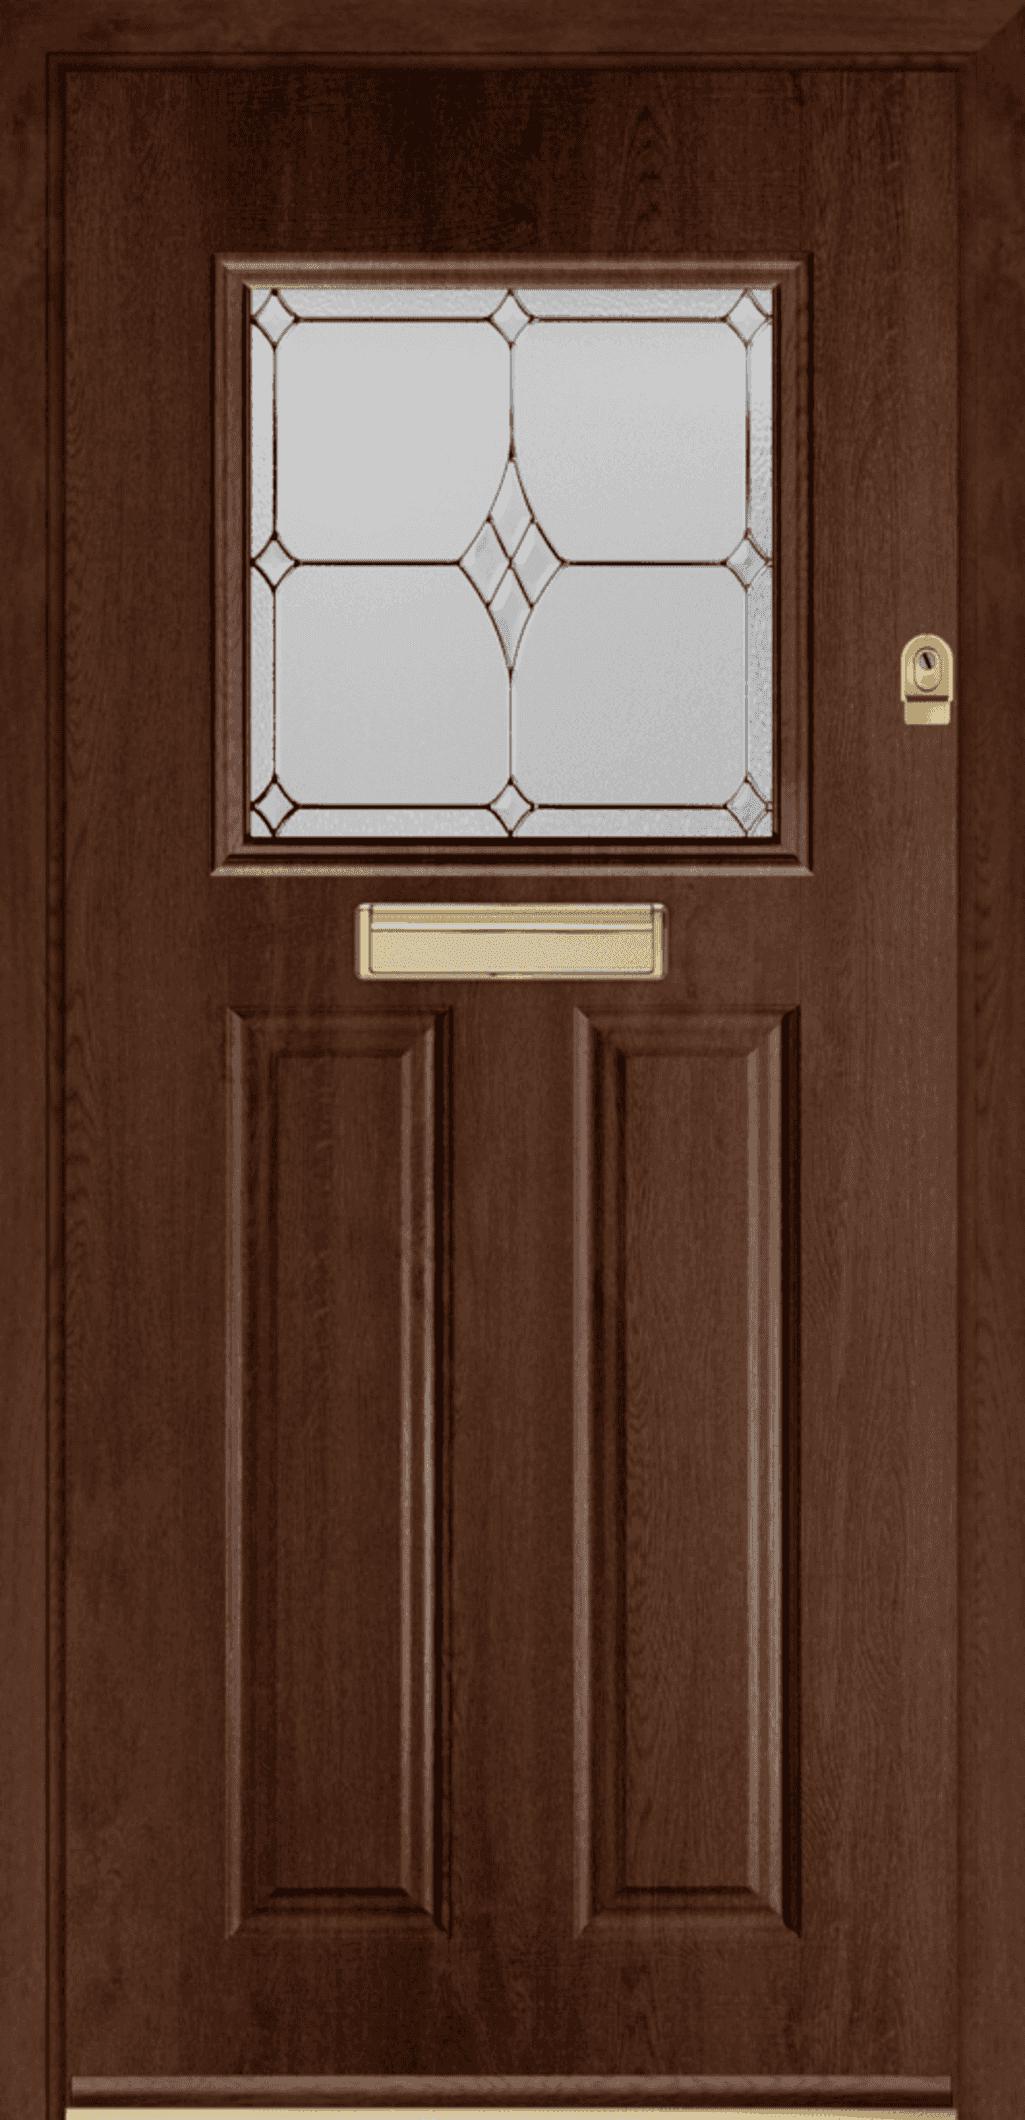 Wondrous Composite Doors In Many Styles Endurance Door Handles Collection Olytizonderlifede